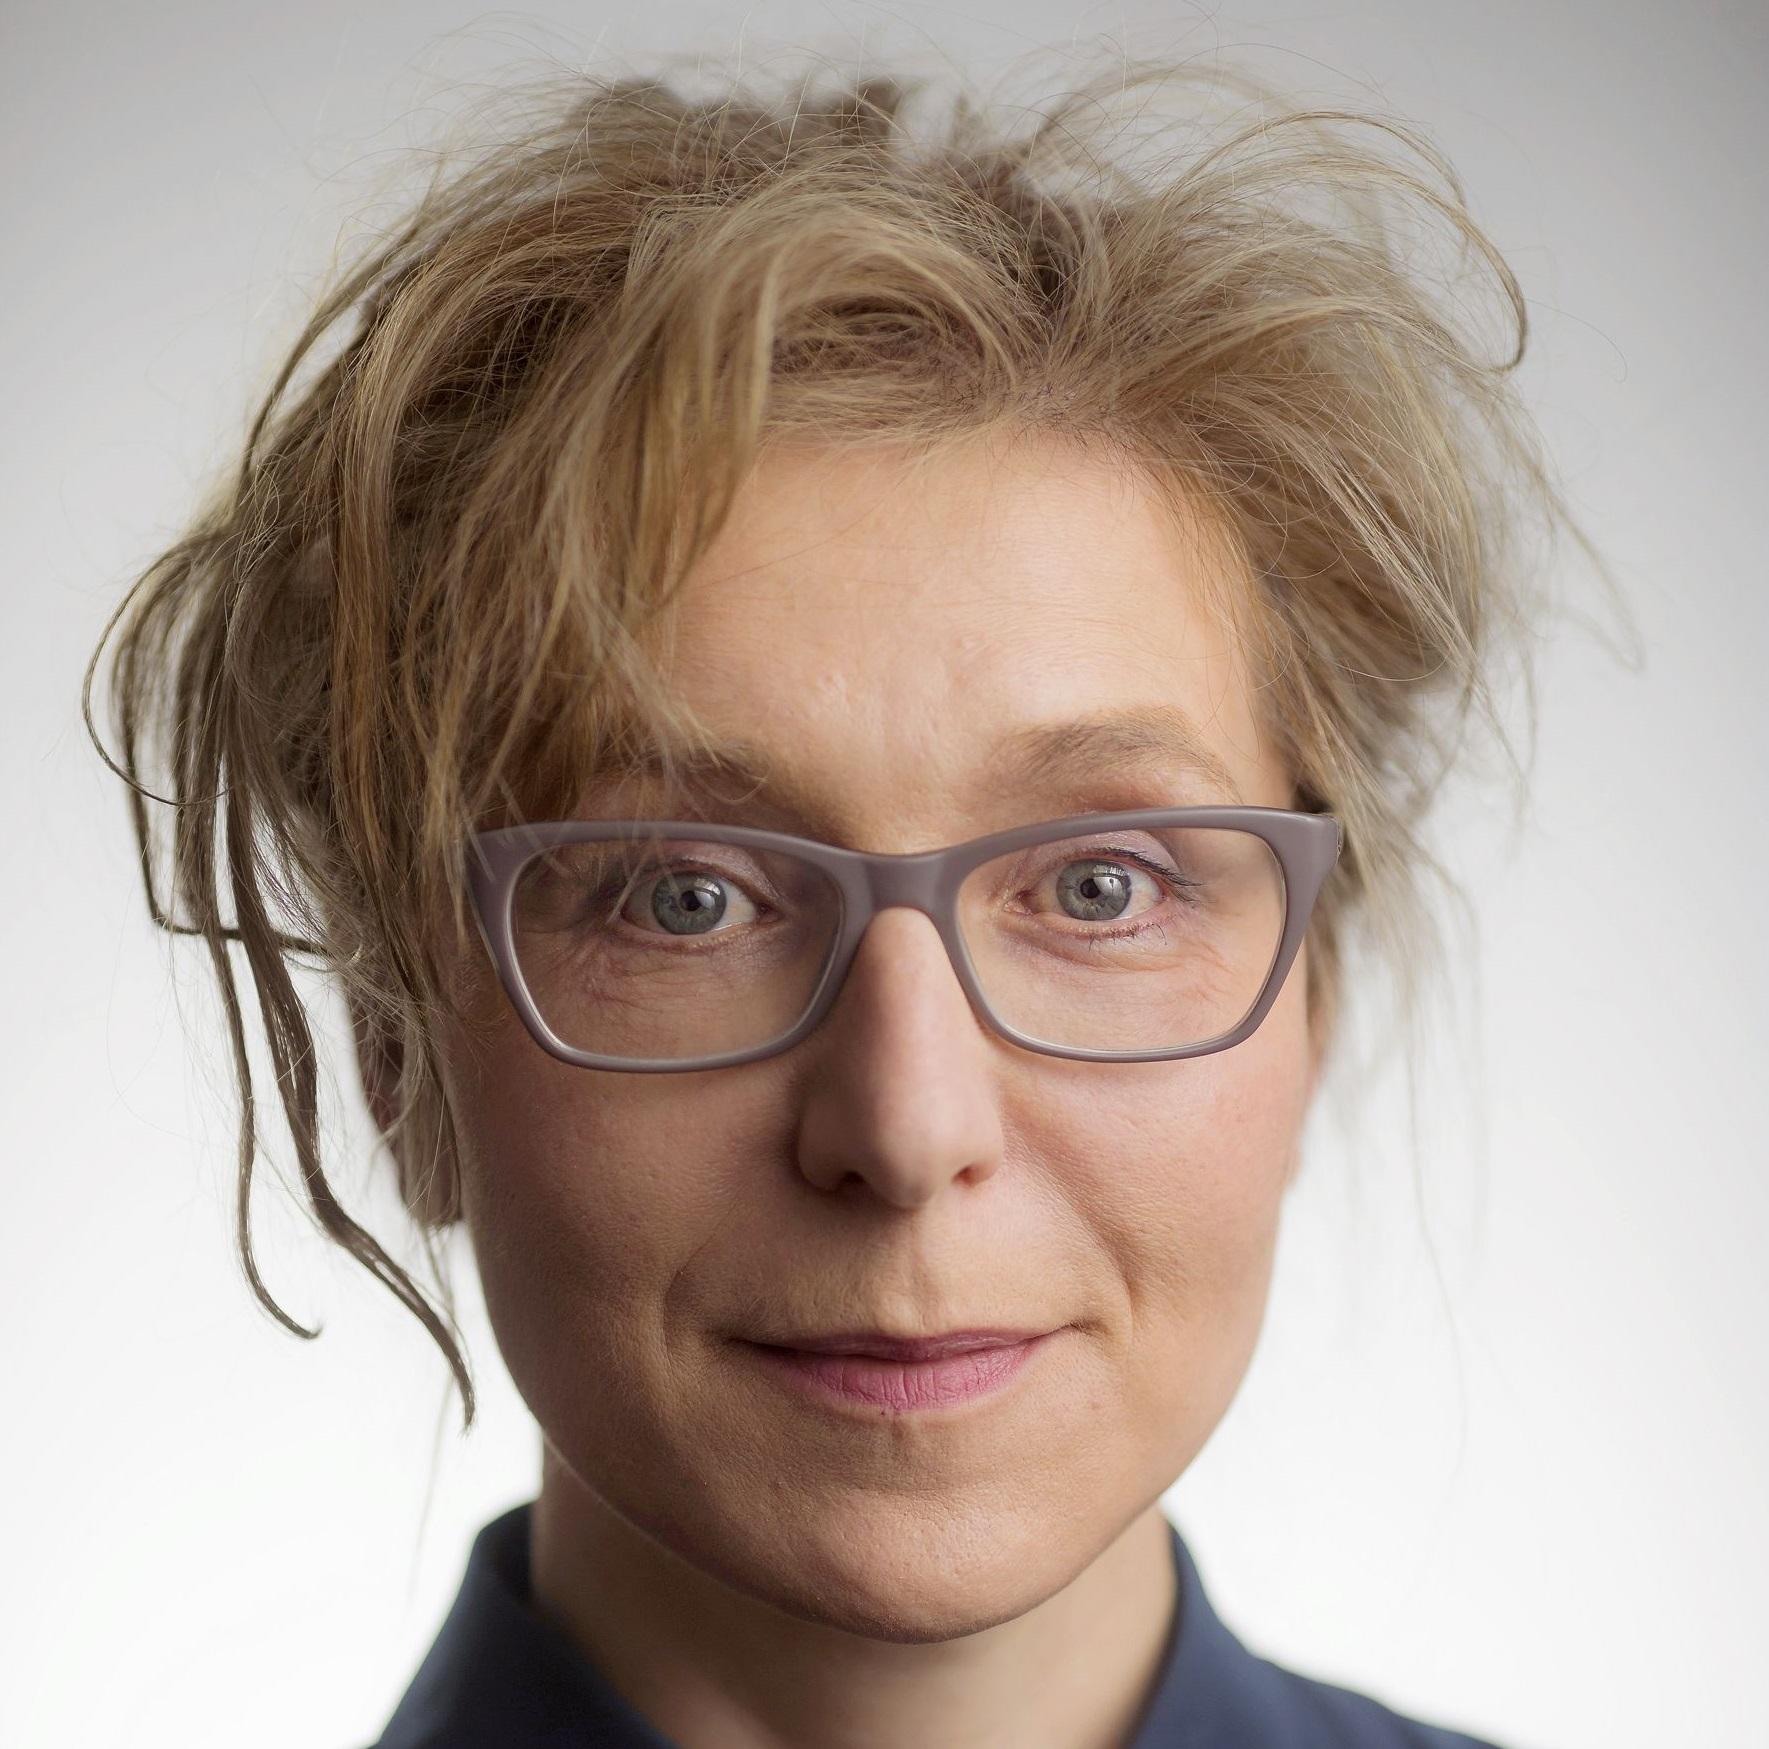 Elke schmitter wird neue leiterin des spiegel for Spiegel jahresbestseller 2017